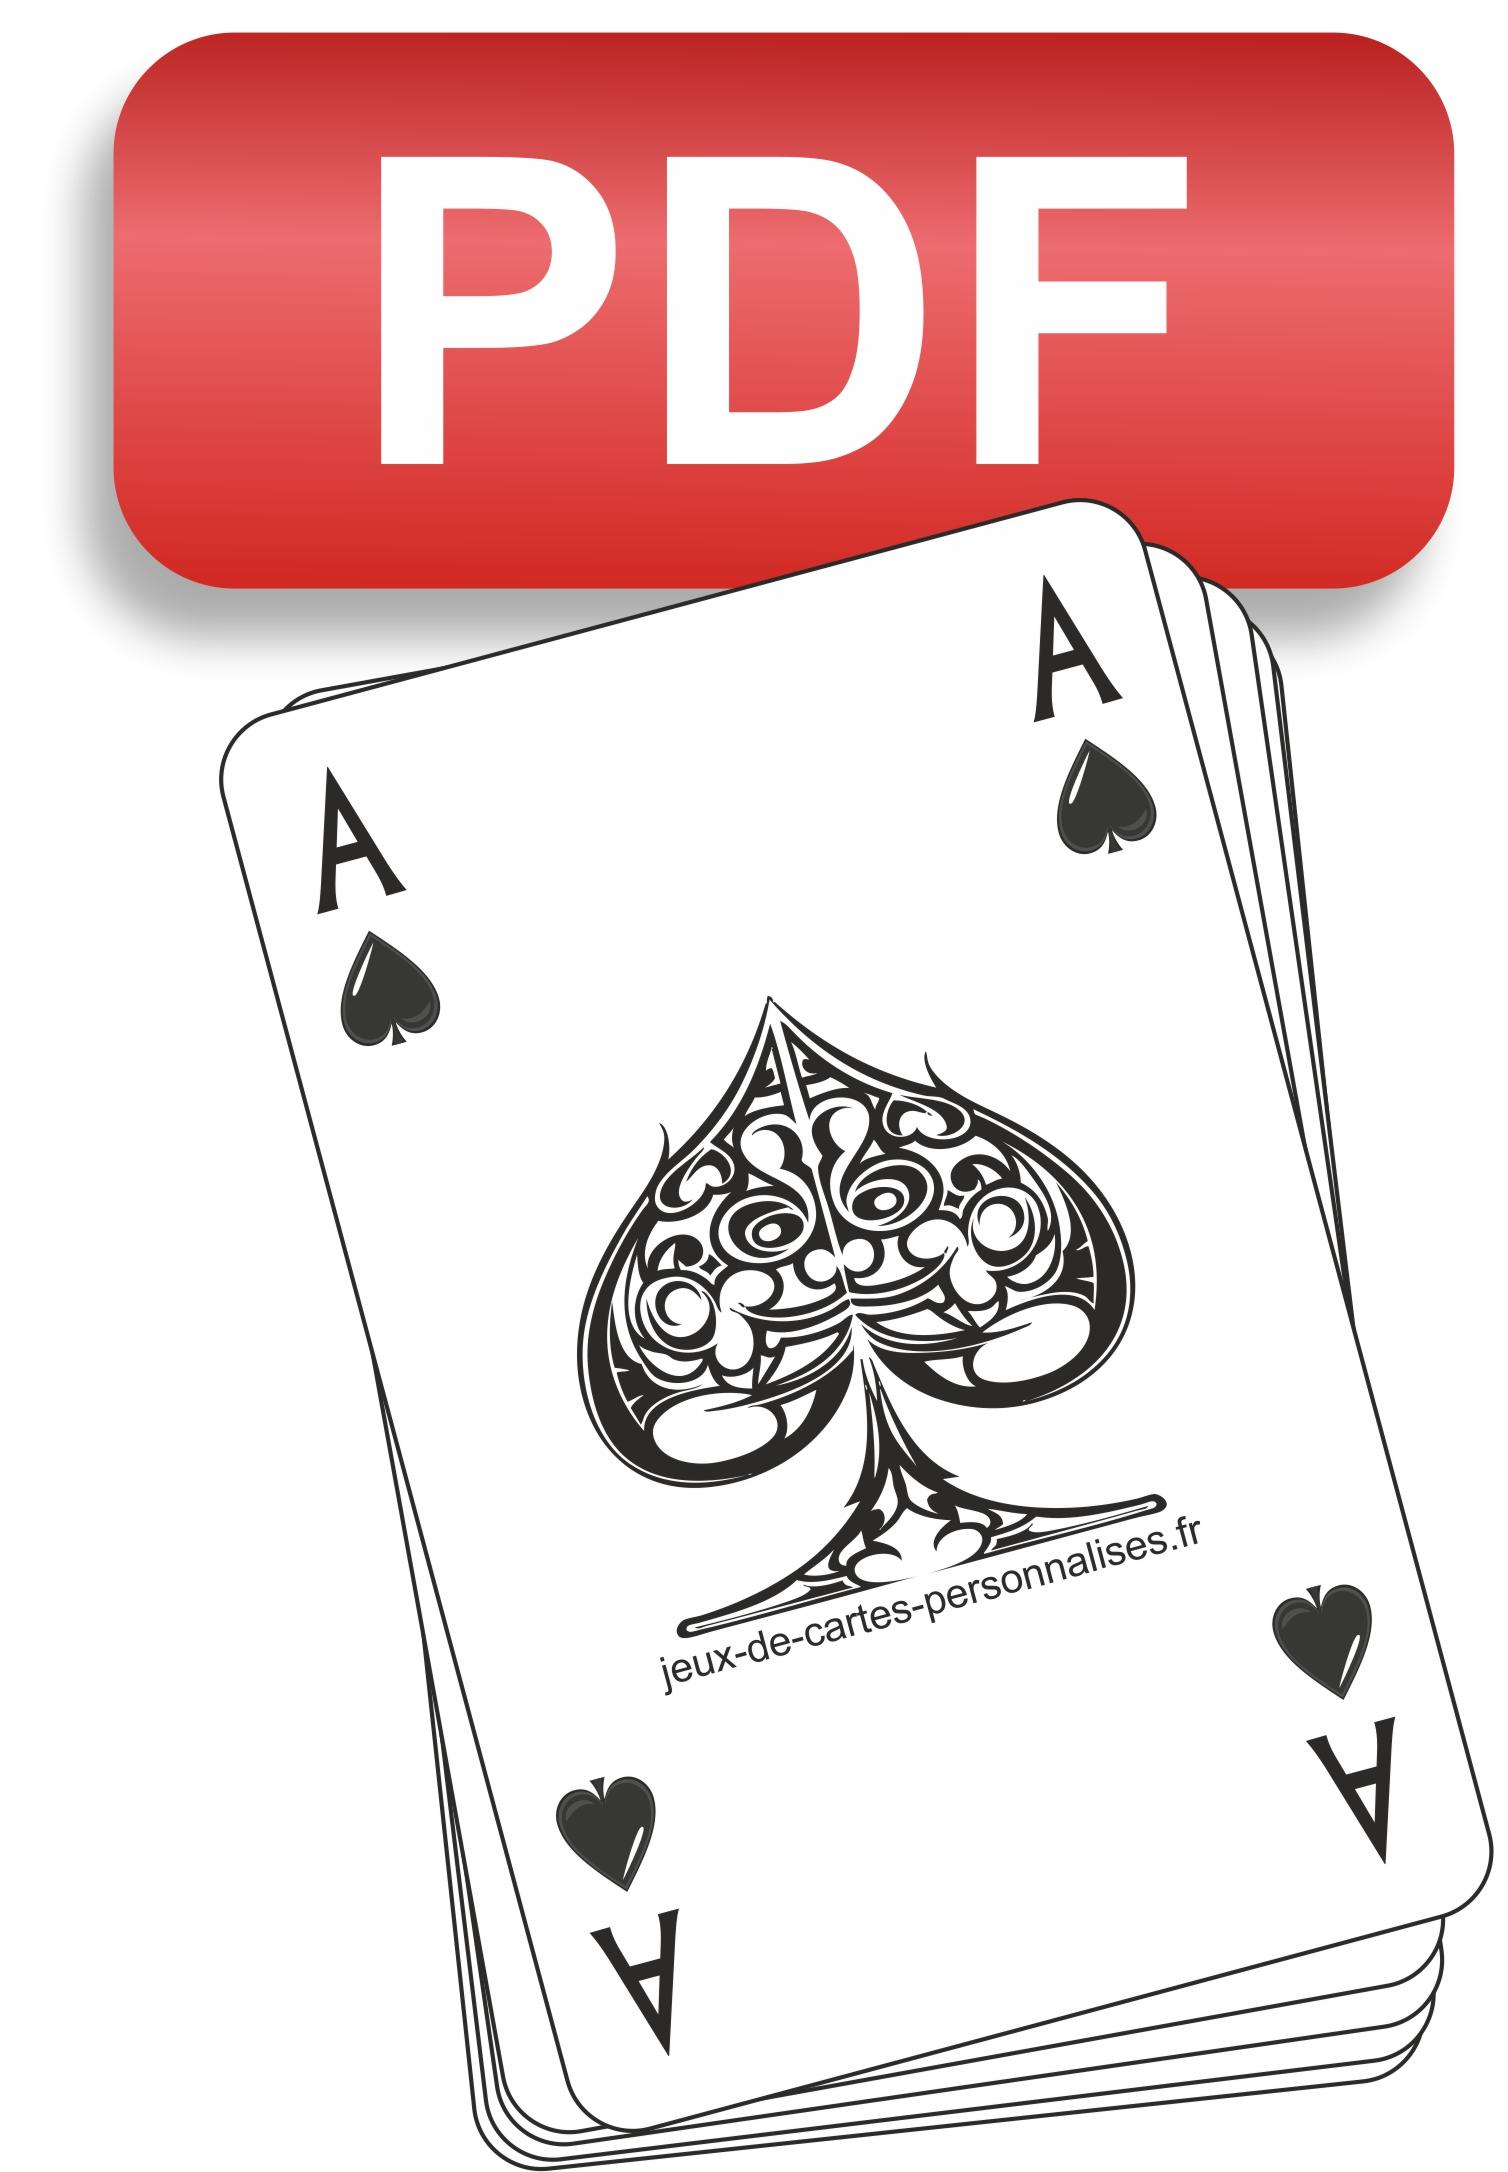 créer un jeu de carte sur word COMMENT CRÉER et ÉDITER UN JEU DE CARTES ?   Jeux de cartes